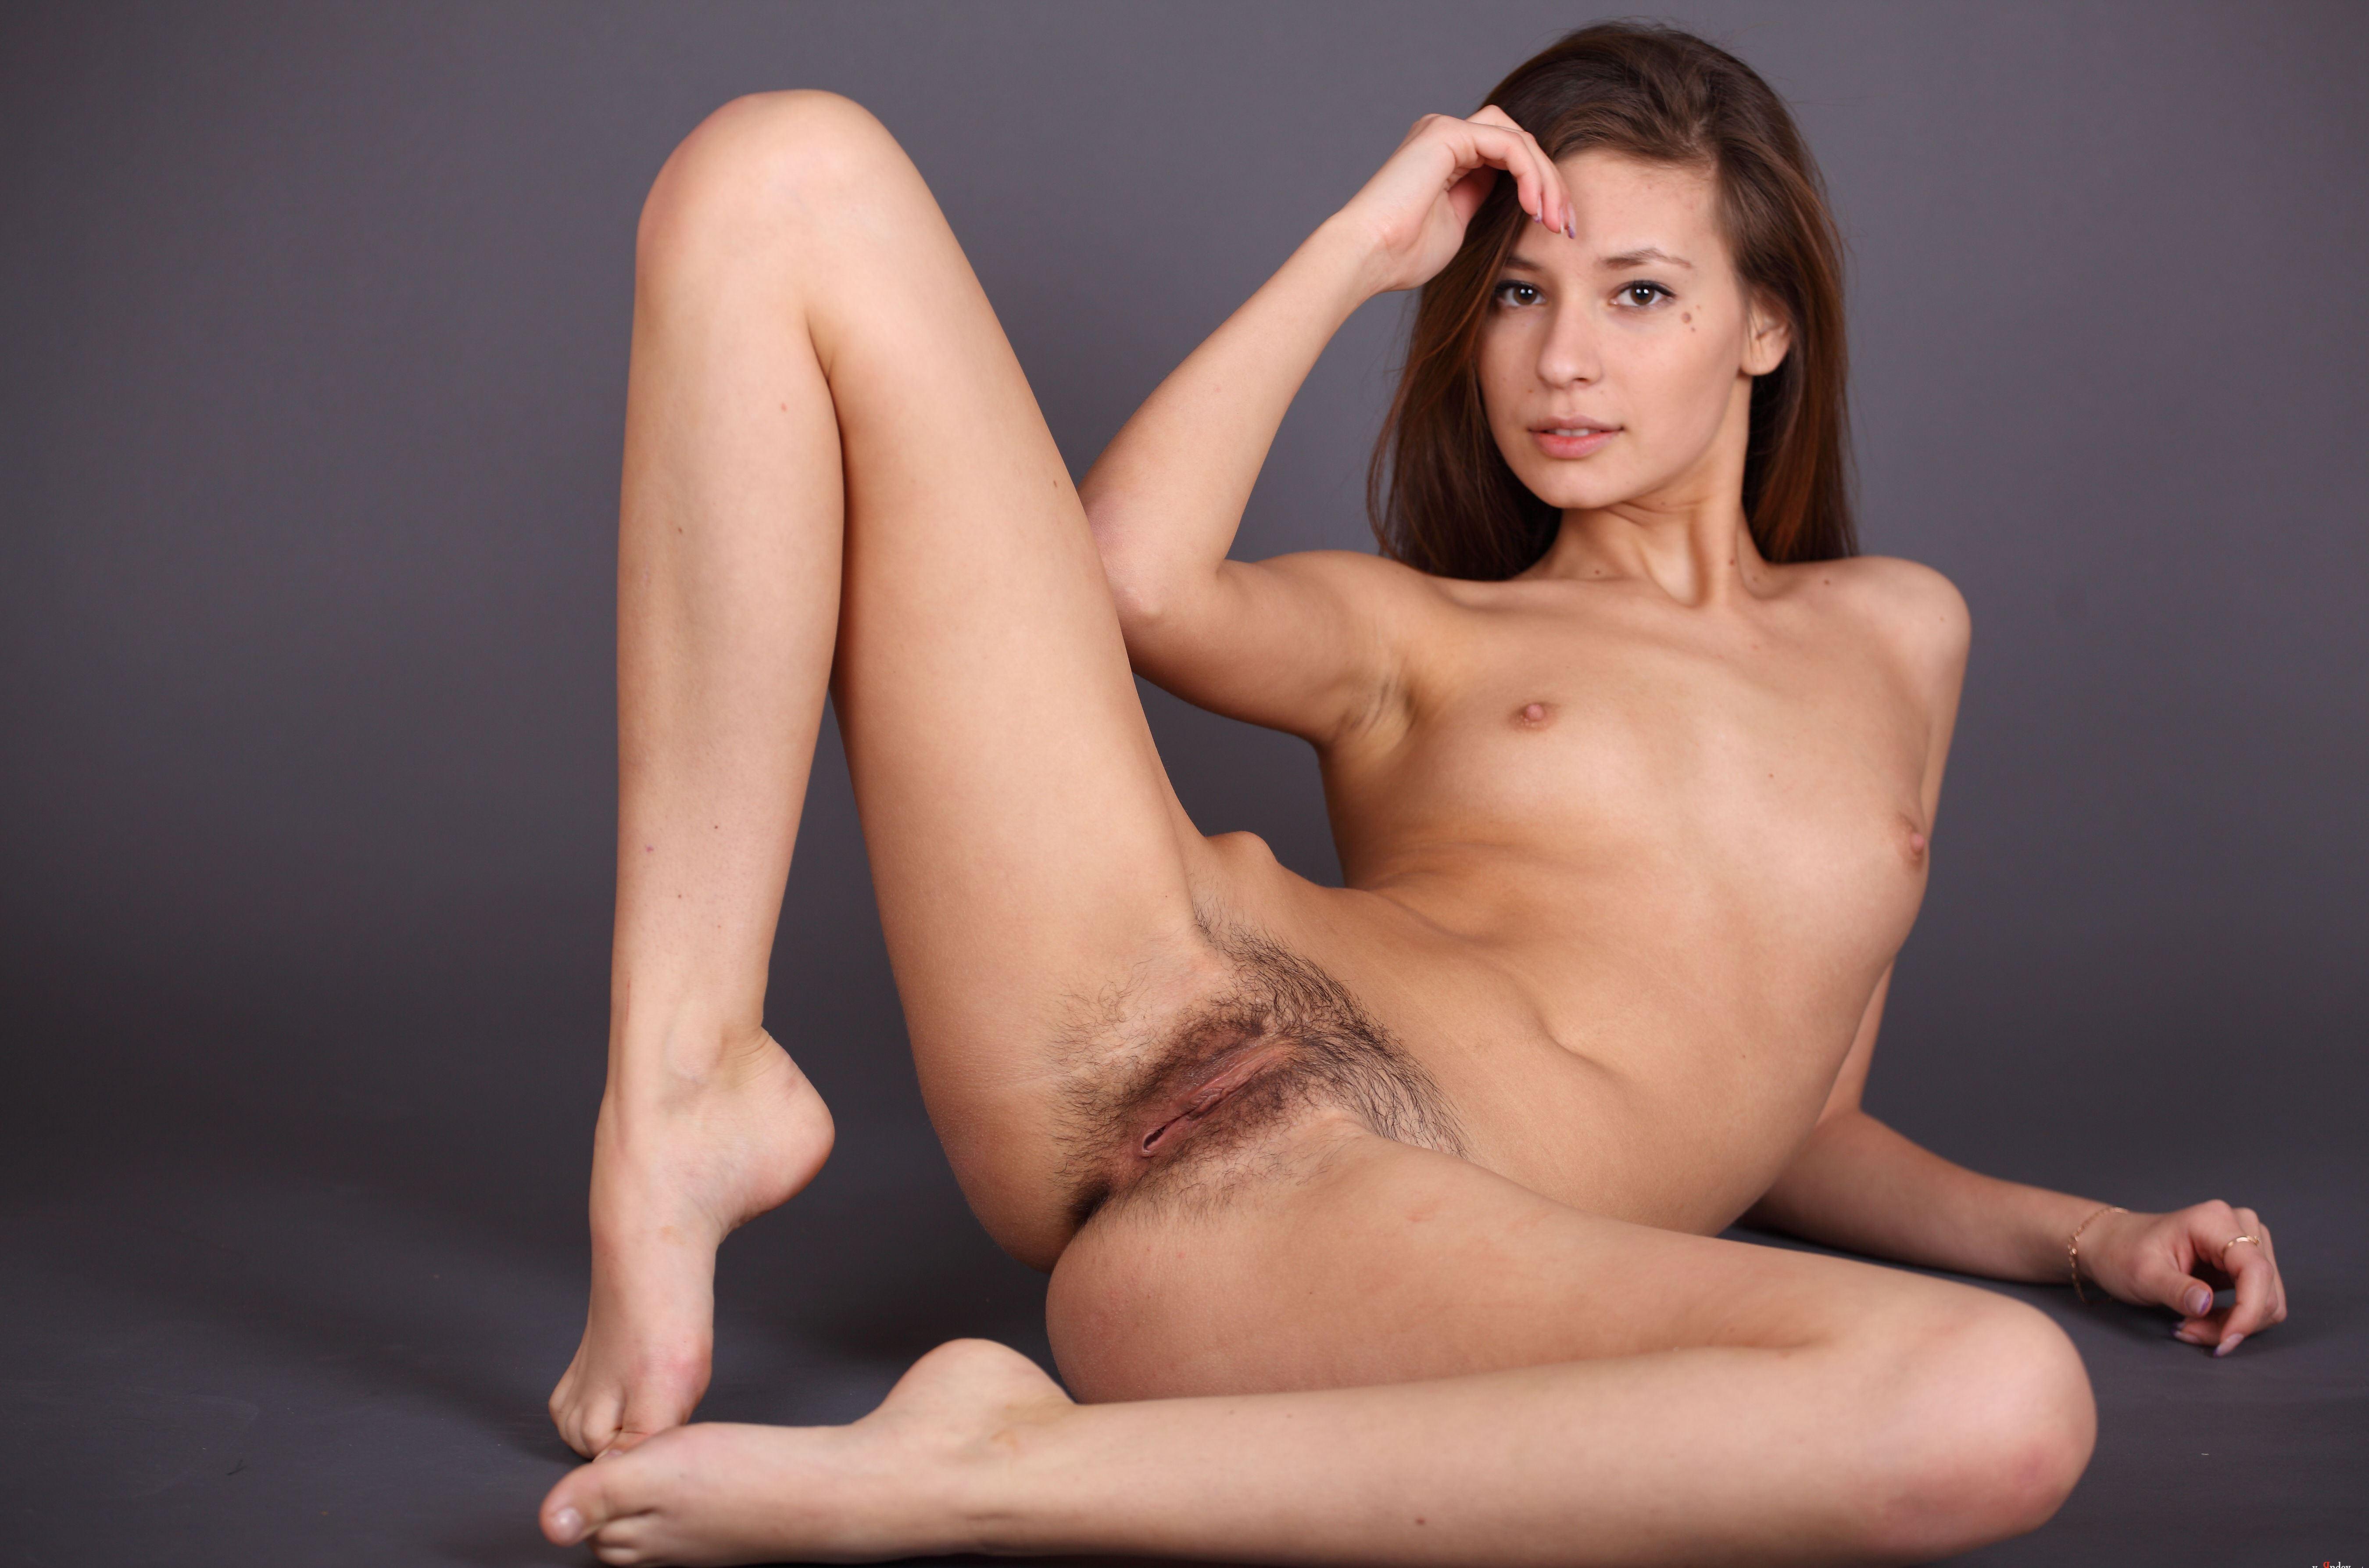 Порно модель ира, французские порно модели фото